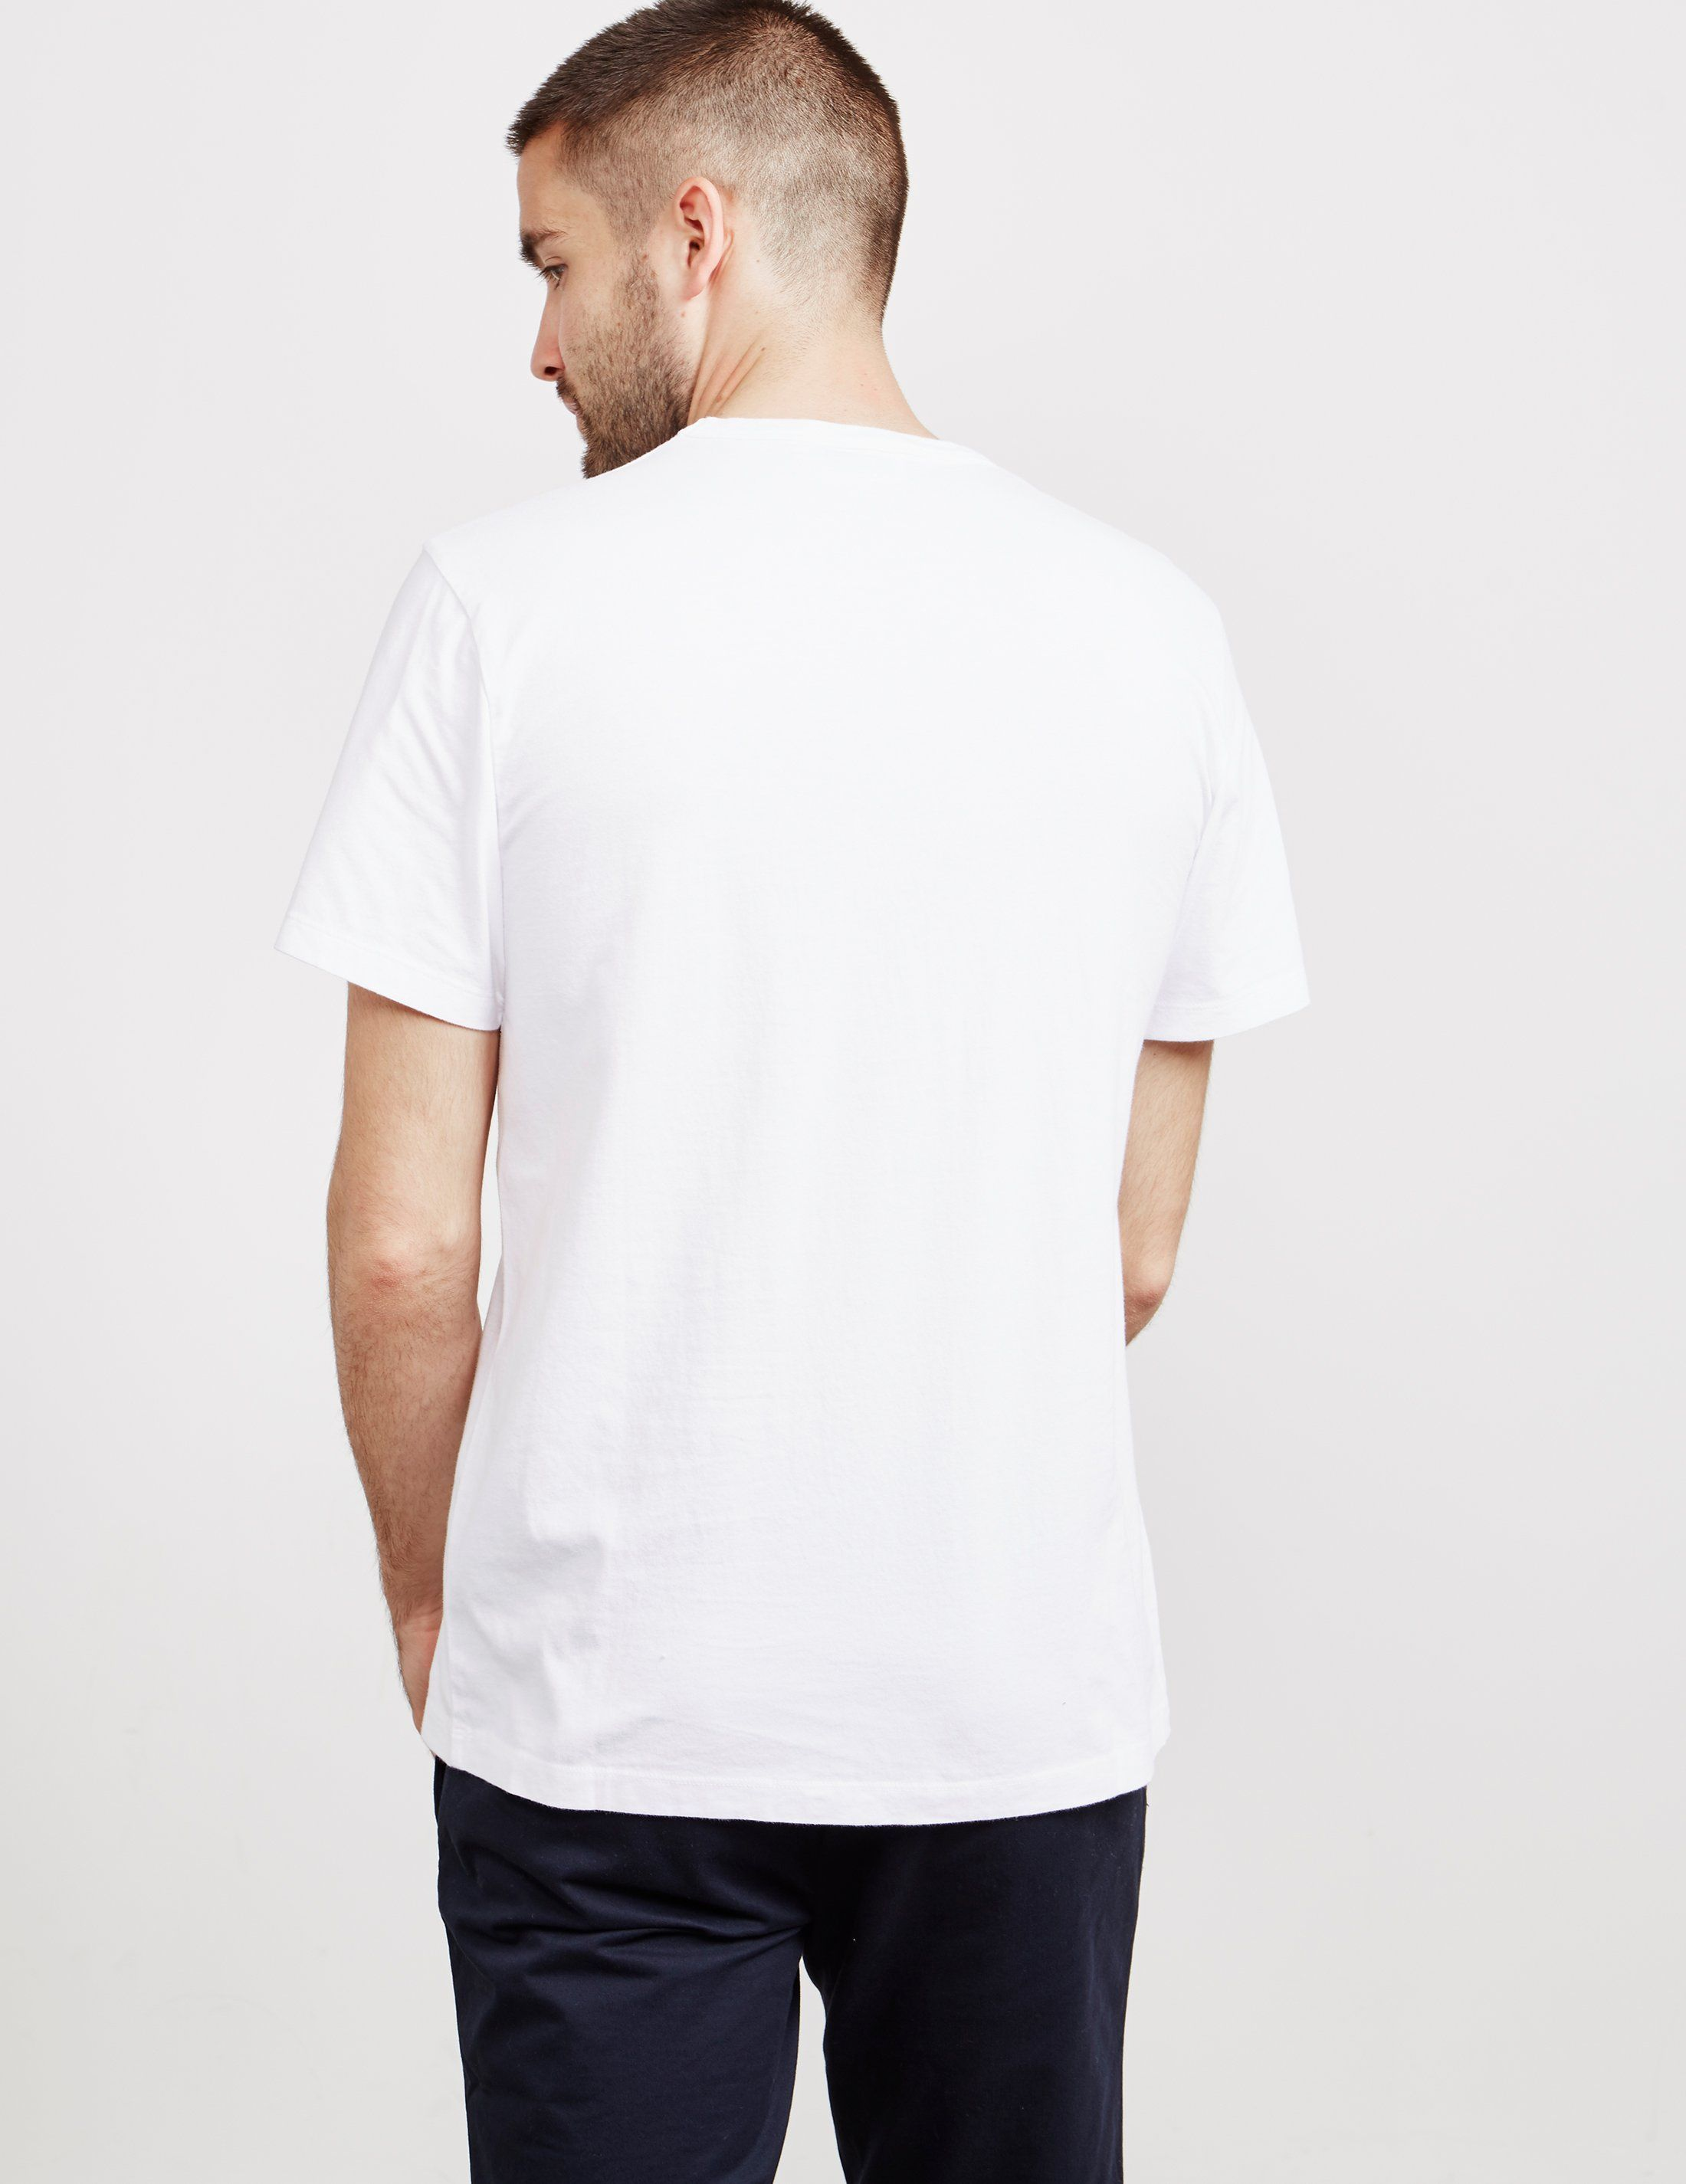 Maison Kitsune Foxes Short Sleeve T-Shirt - Online Exclusive